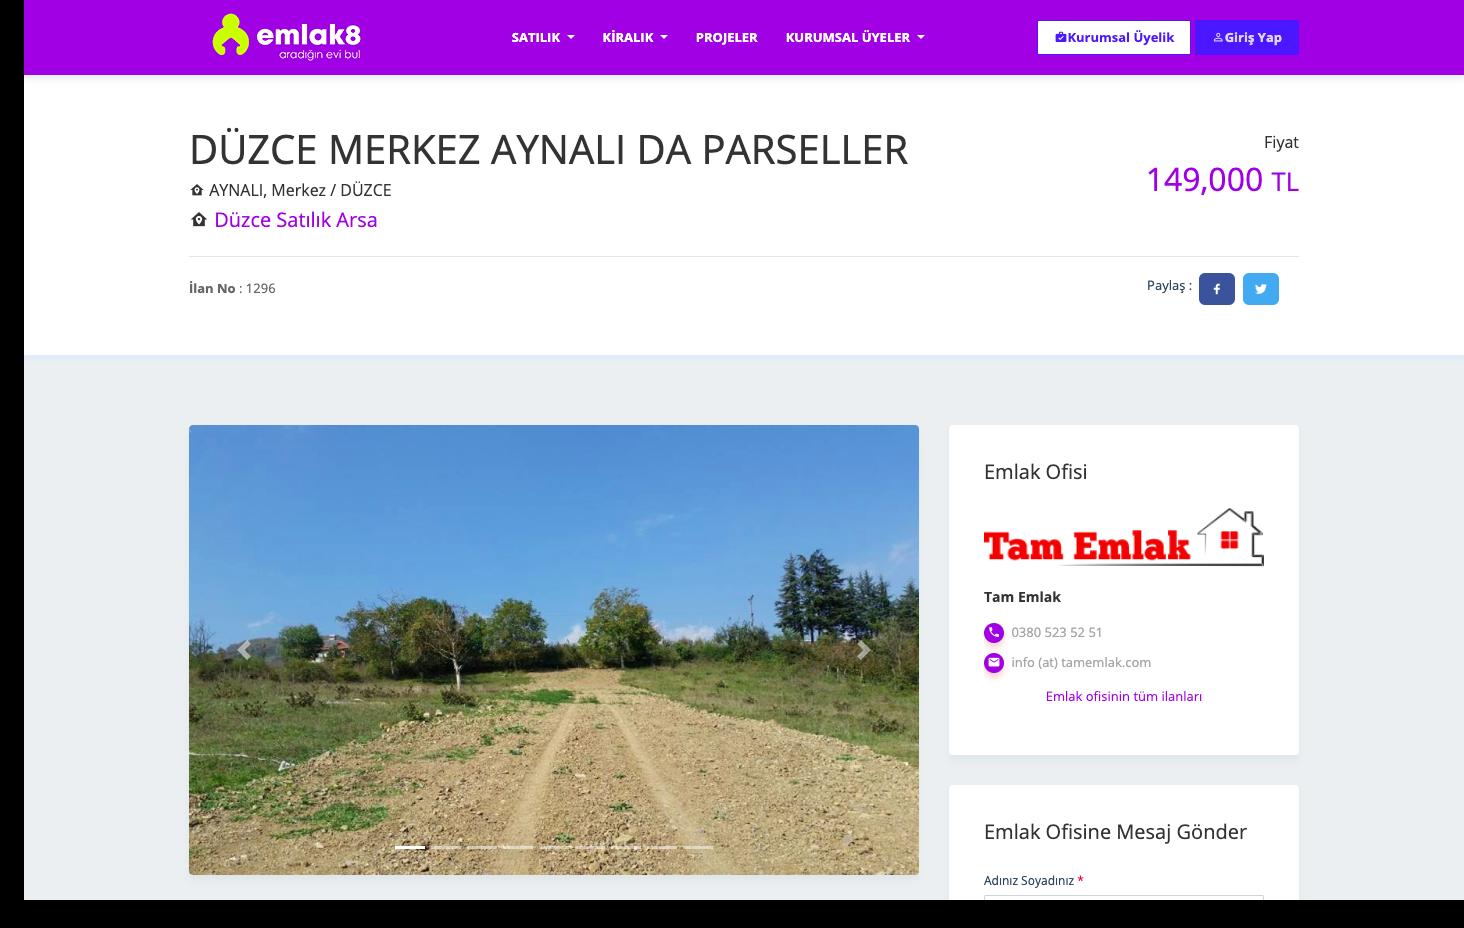 Türkiye'de emlak pazarının çok hızlı bir şekilde değer kazandığını düşünürsek 2019 yılı içinde Emlak8.net'den daha fazla söz edeceğimizi söyleyebiliriz.